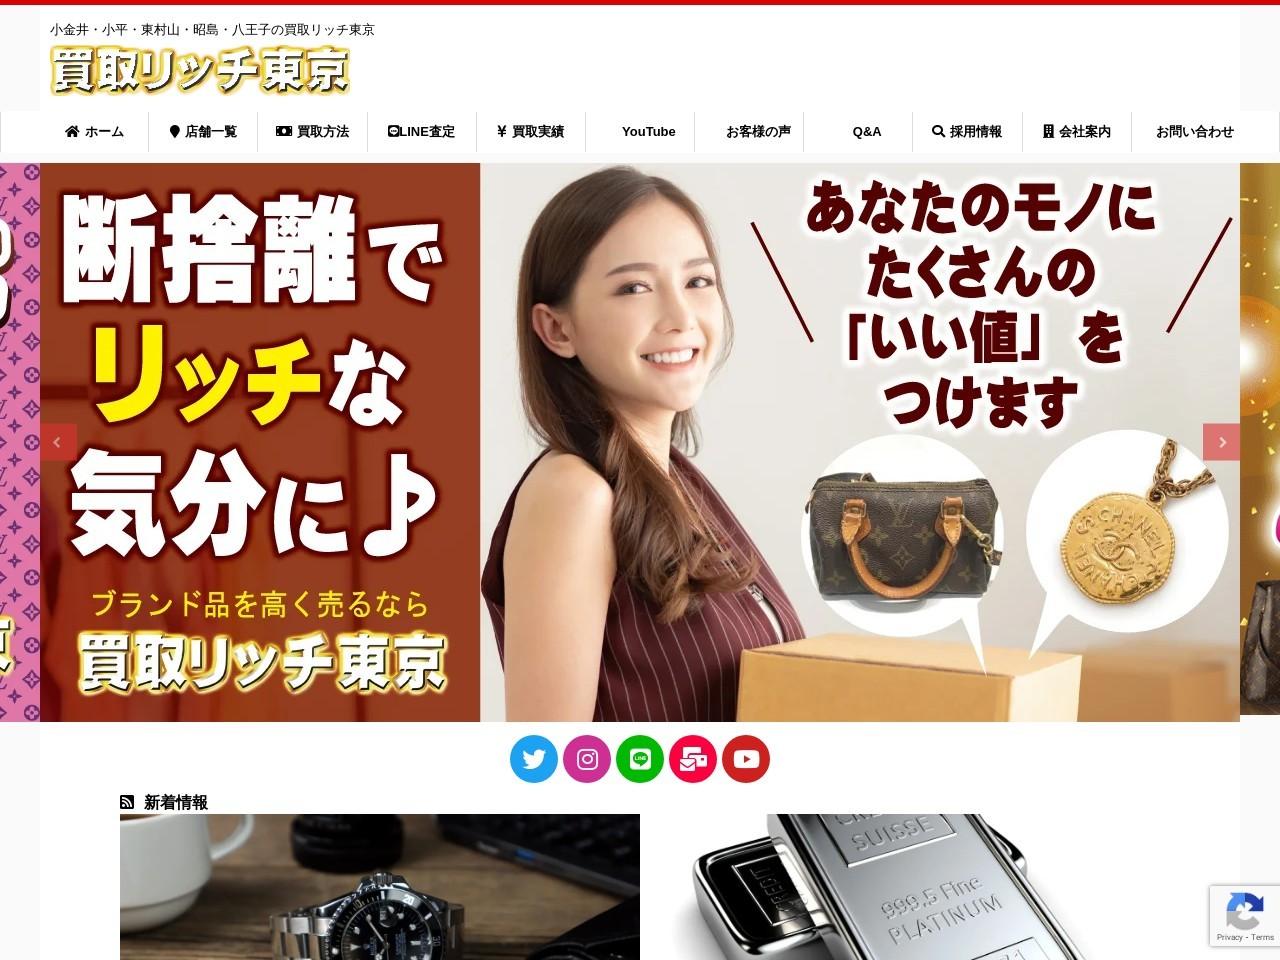 【買取リッチ東京】 東京に6店舗。プロ常駐の買取専門店。